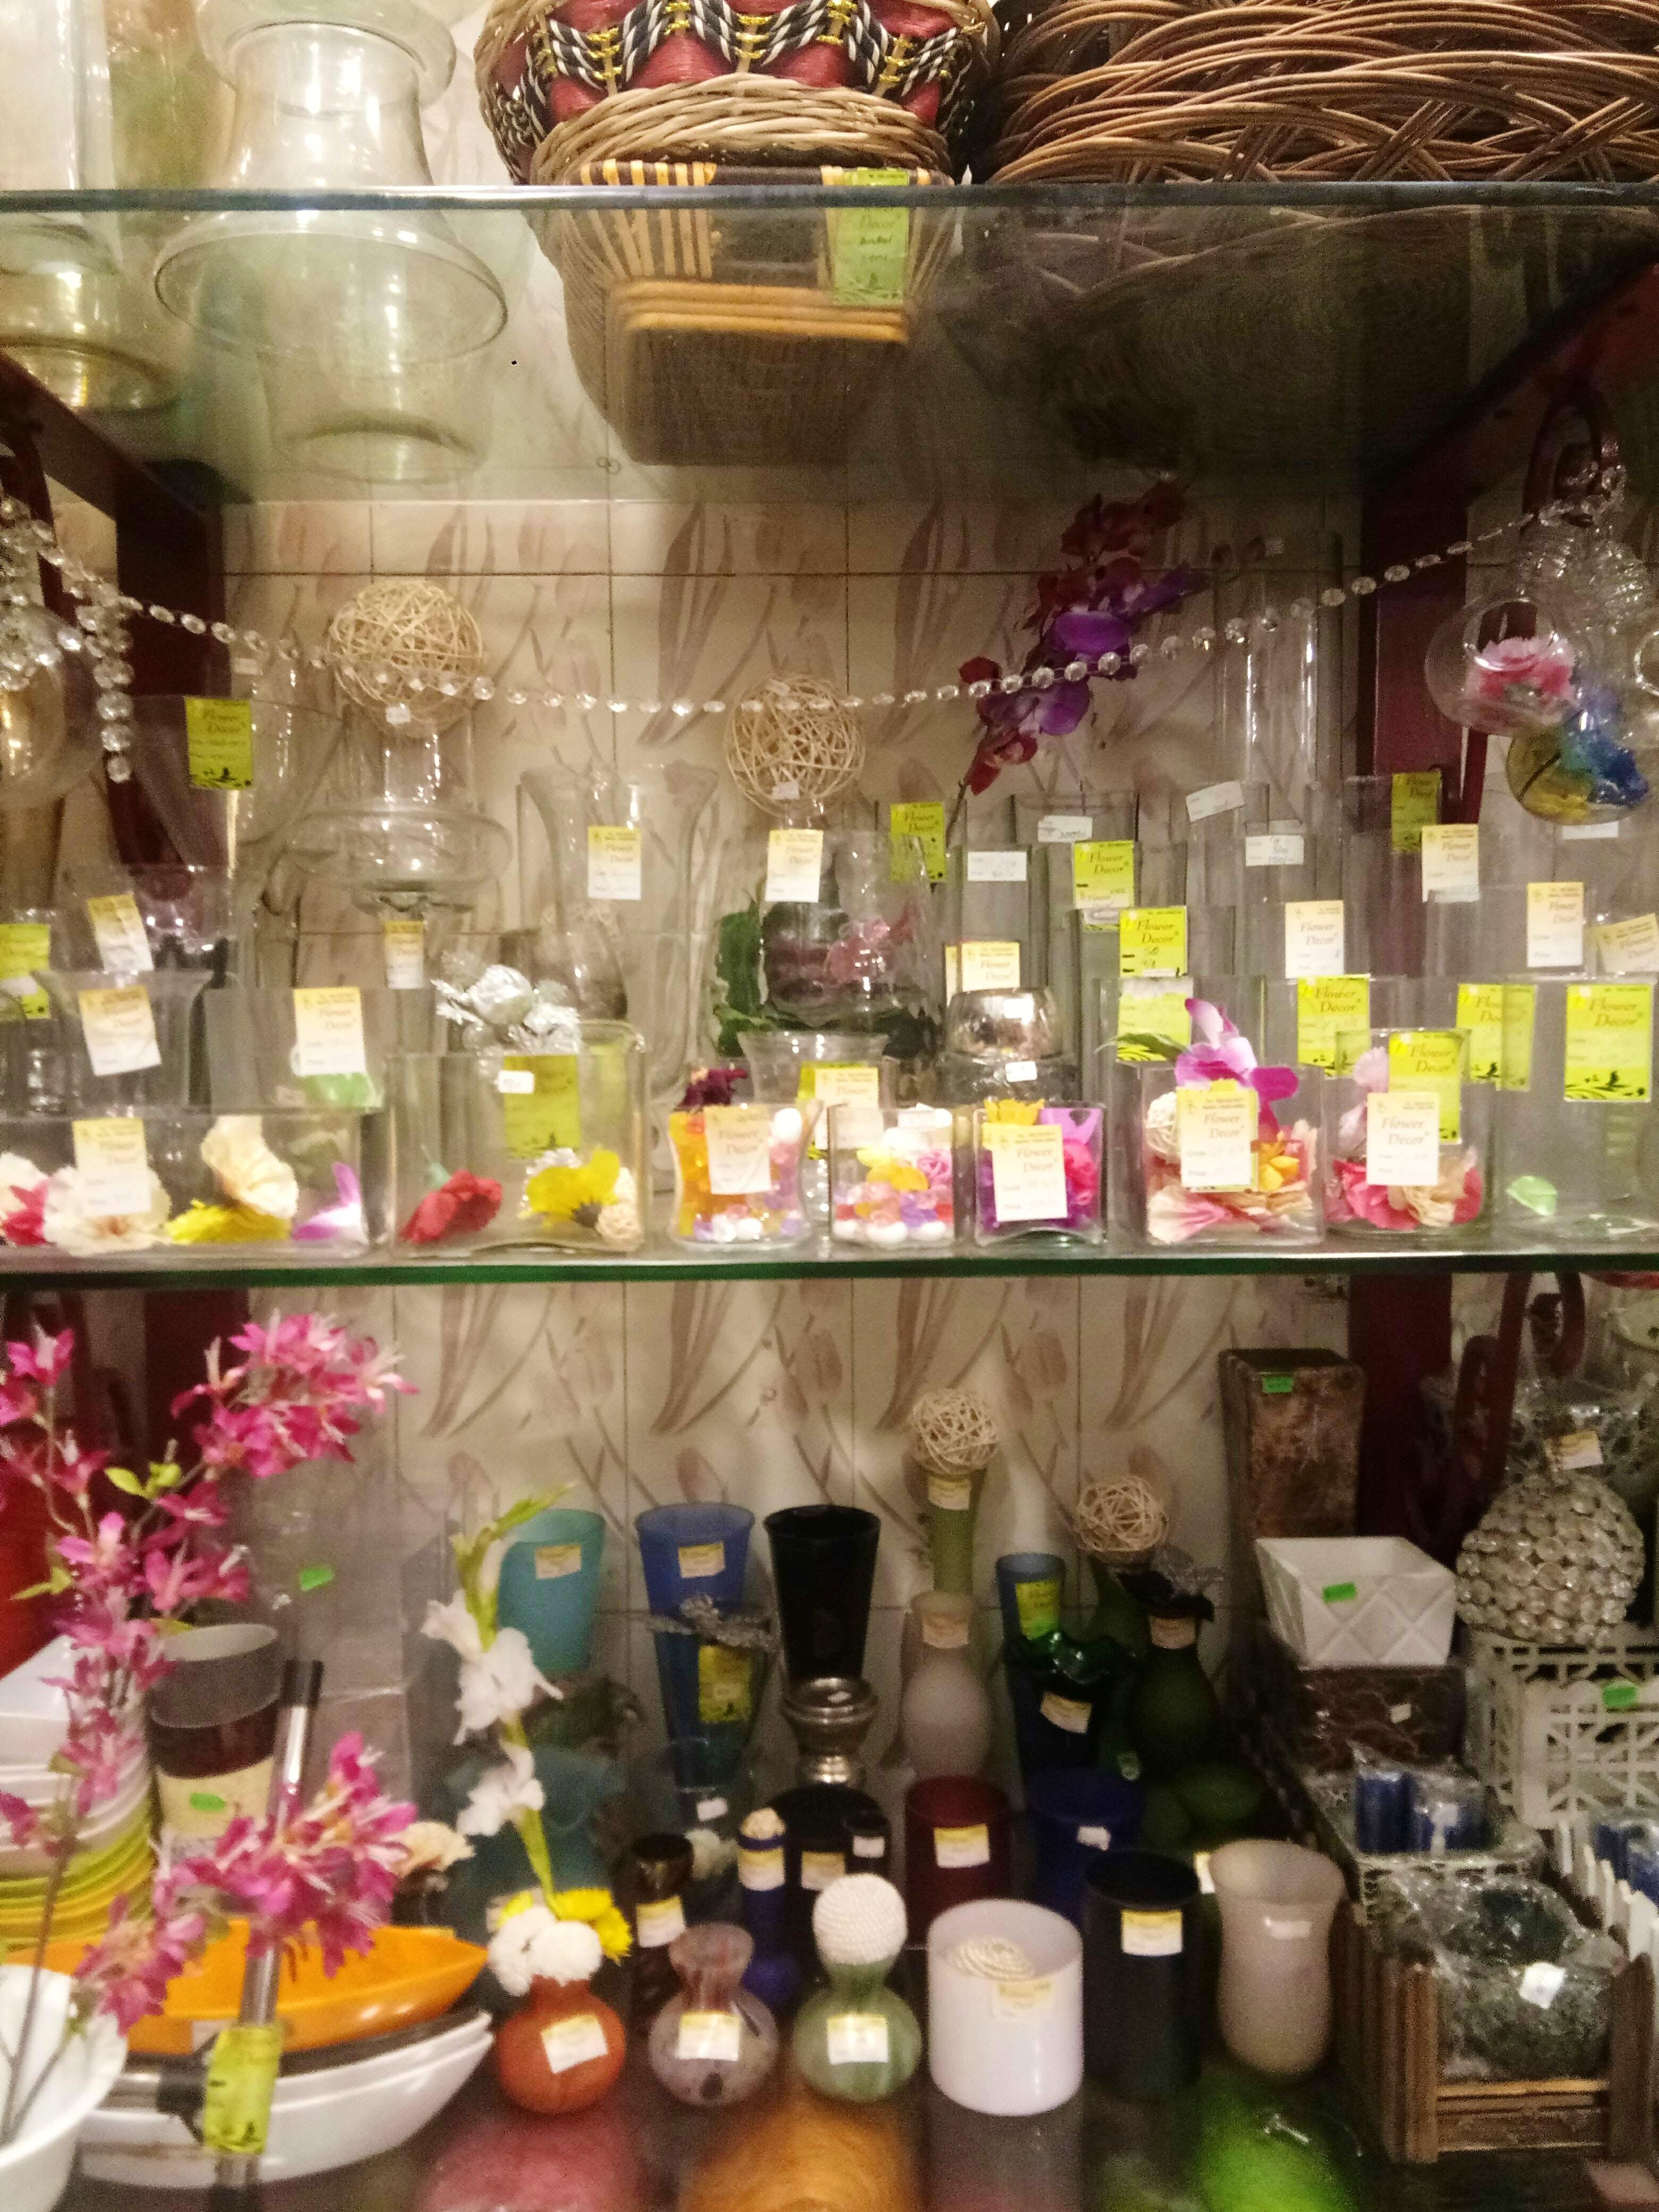 Glass bottle,Bottle,Alcohol,Floristry,Distilled beverage,Liqueur,Plant,Flower,Drink,Glass